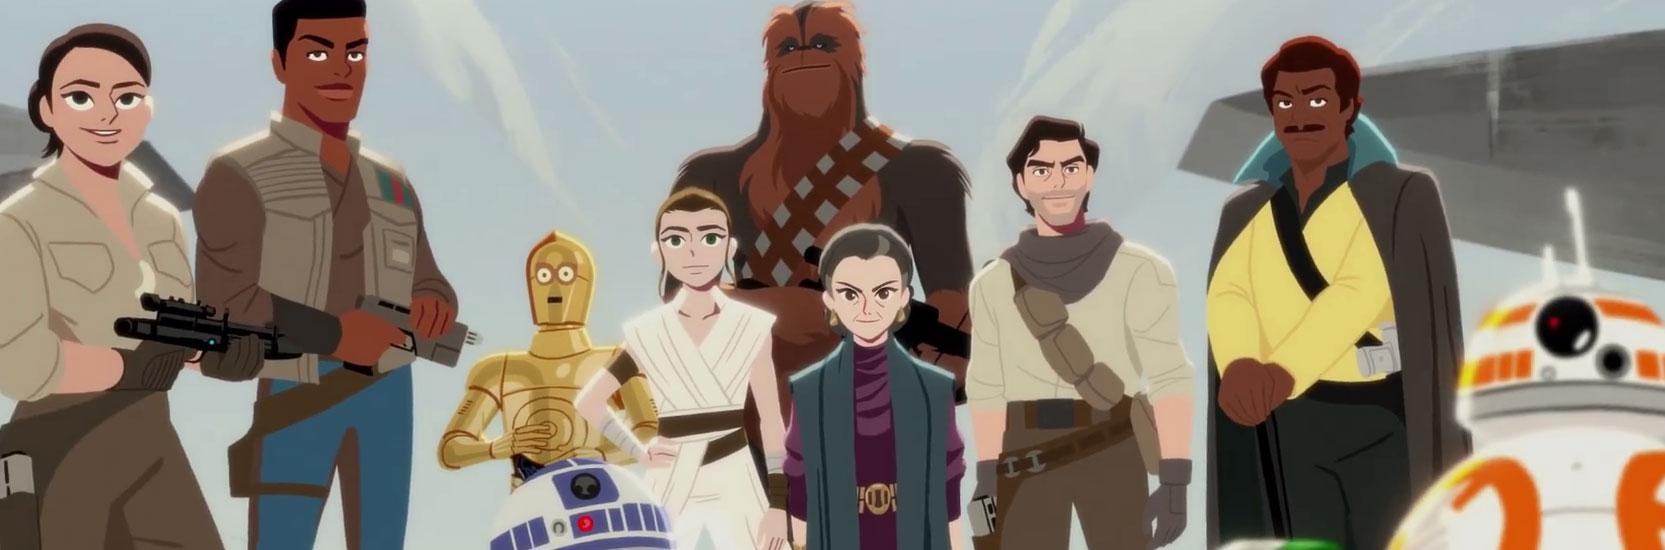 """La saison 2 de """"Star Wars Galaxy of Adventures"""" a débuté !"""